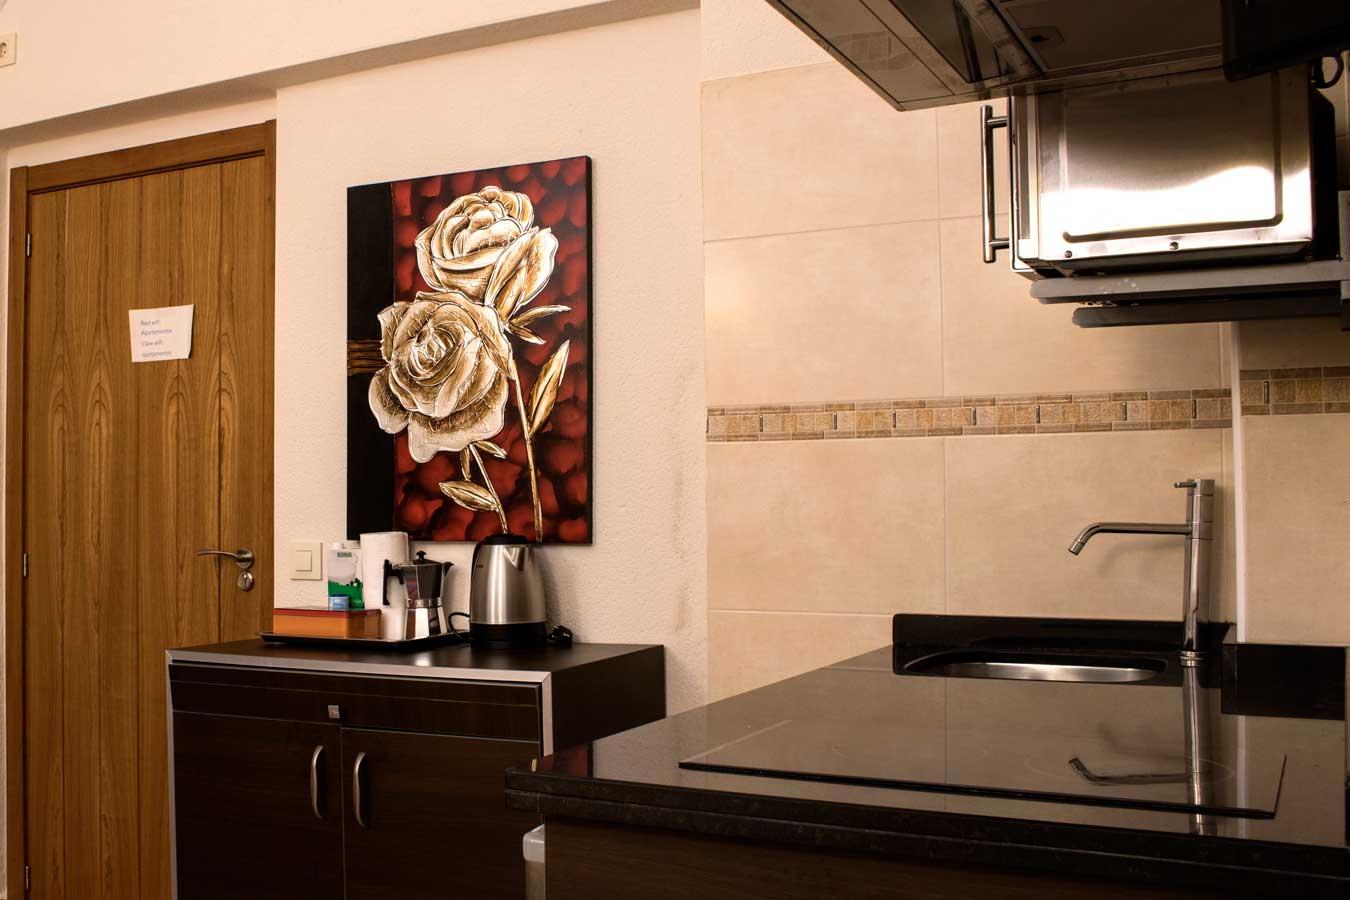 Cocina equipada con vitrocerámica, microhondas, cafetera, hervidor, frigorífico...